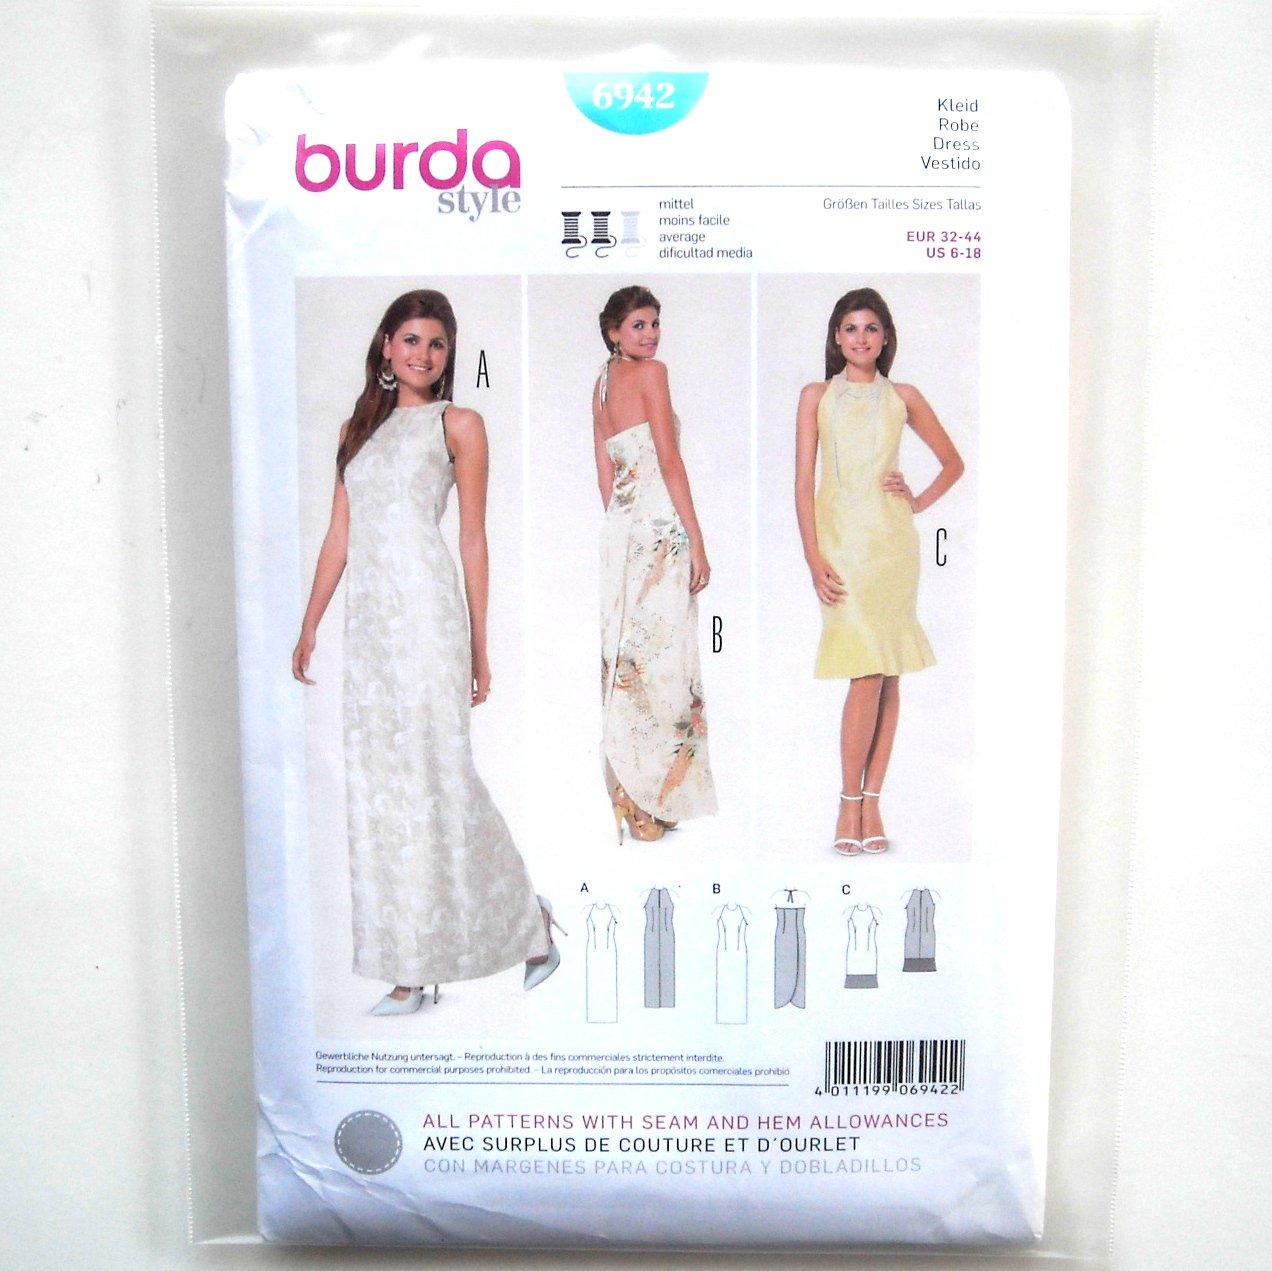 Misses Evening Dress 6 8 10 12 14 16 18 Burda Sewing Pattern 6942